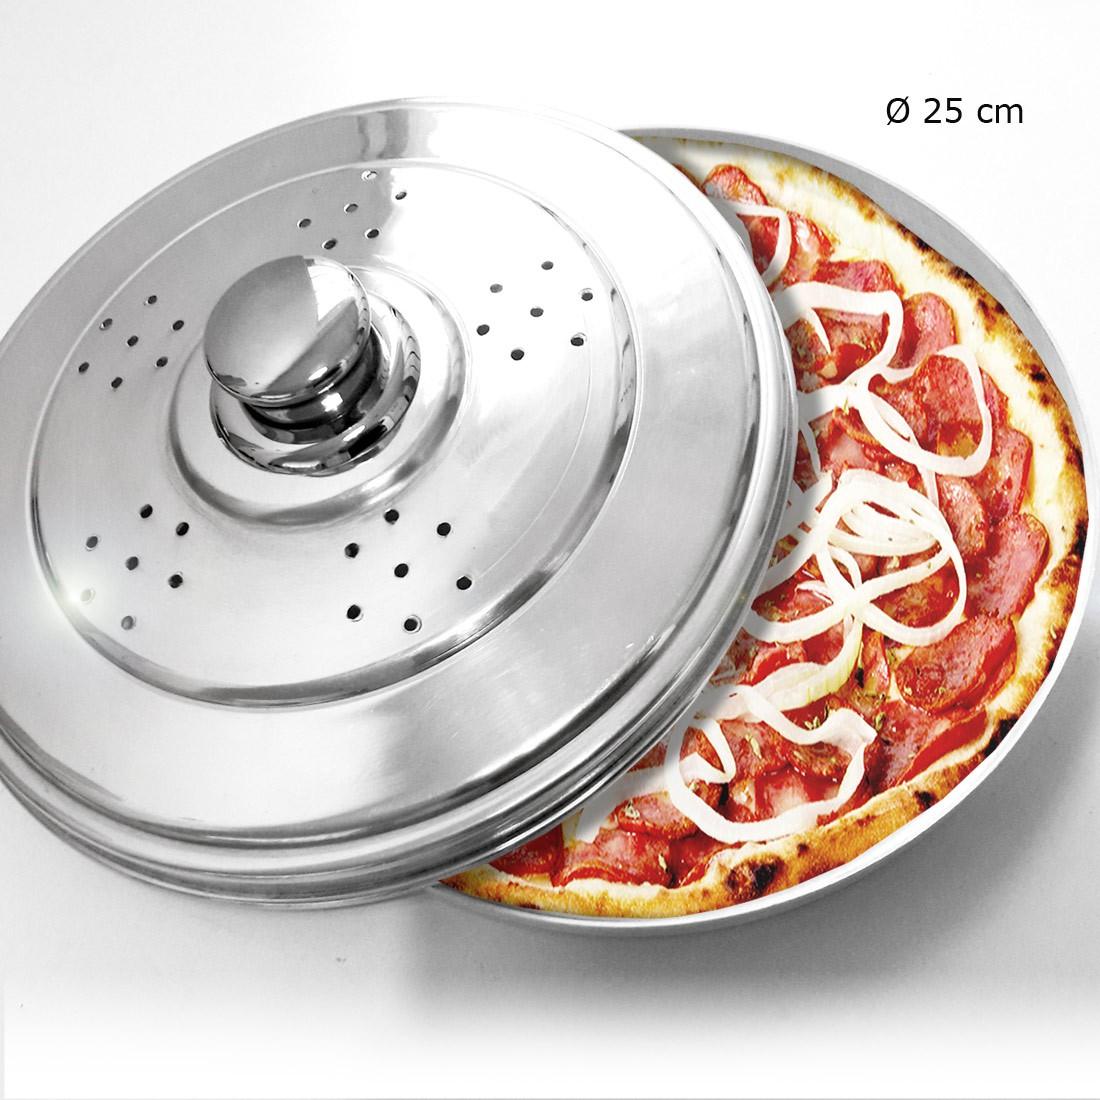 Forma para Pizza com Tampa Polida e Pomel de Inox 25 cm - Vigôr